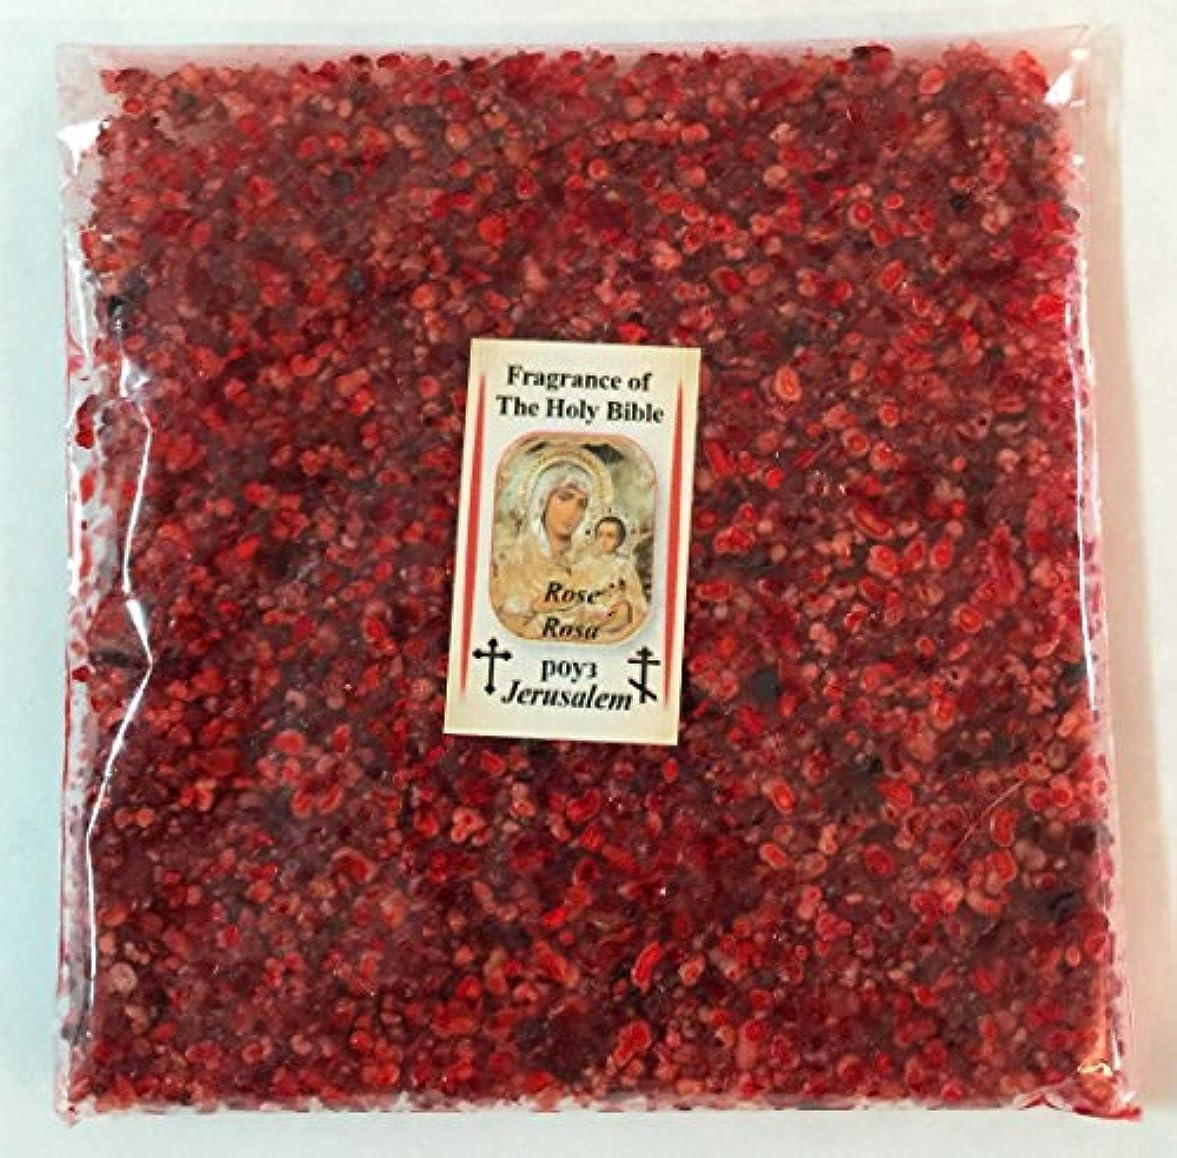 ミスペンドルームクラッチHoly Land Natural Rose IncenseエルサレムFragrance 3.5 Oz 100 gr